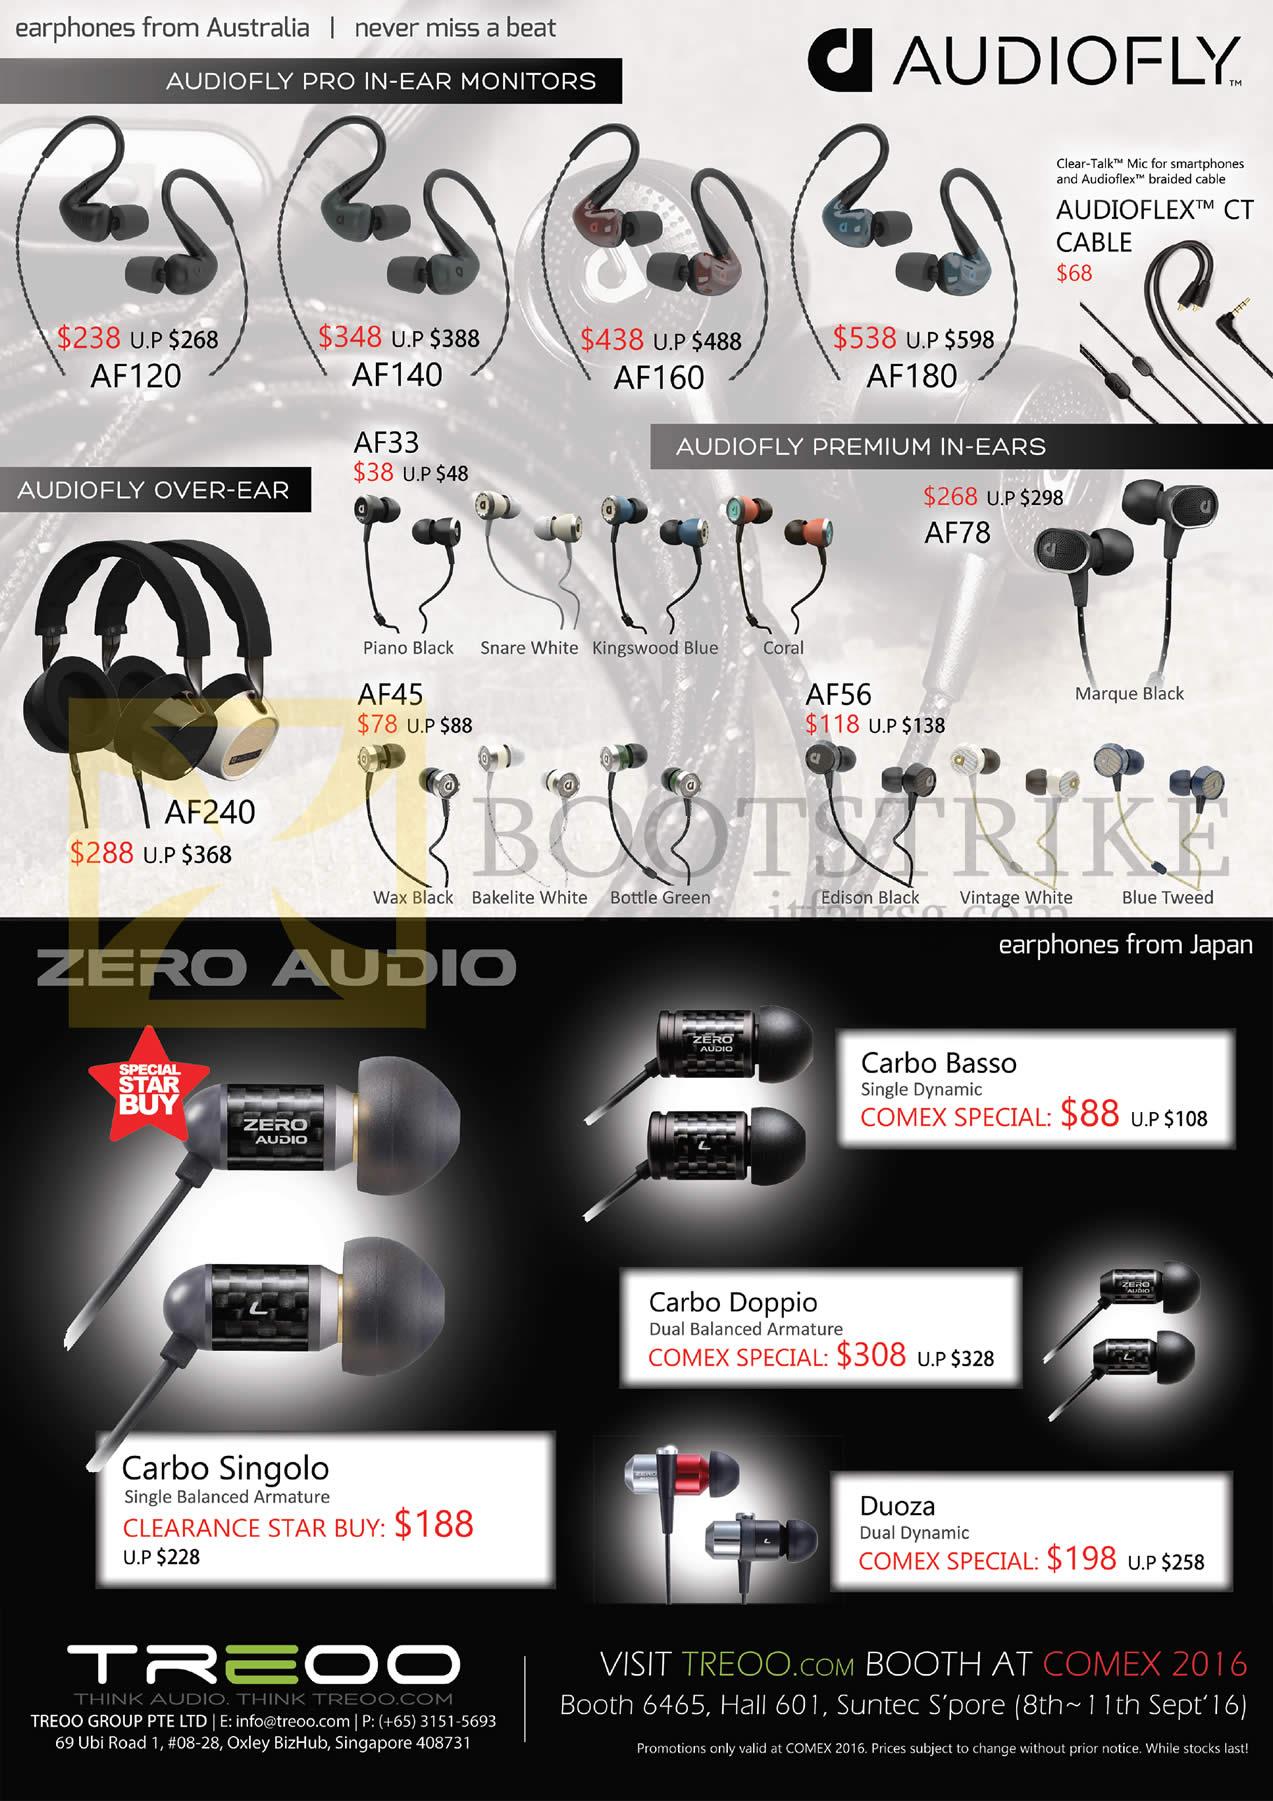 COMEX 2016 price list image brochure of Treoo Audiofly Earphones AF120, AF140, AF160, AF180, AF33, AF78, AF56, AF45, AF240, Zero Audio, Carbo Basso, Singolo, Doppio, Duoza